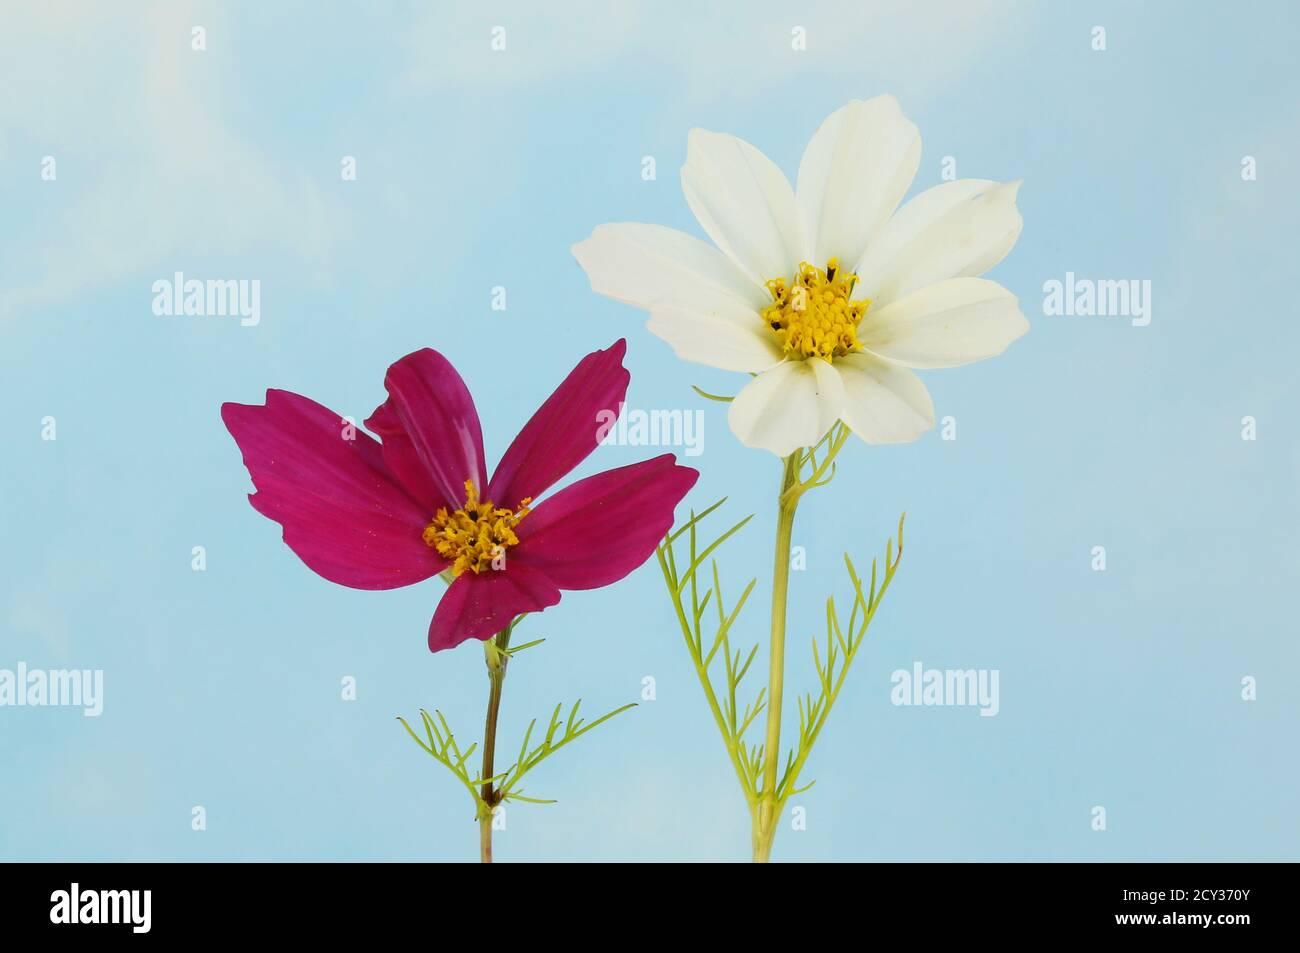 Fleurs de cosmos blanc et violet et feuillage contre un bleu ciel Banque D'Images